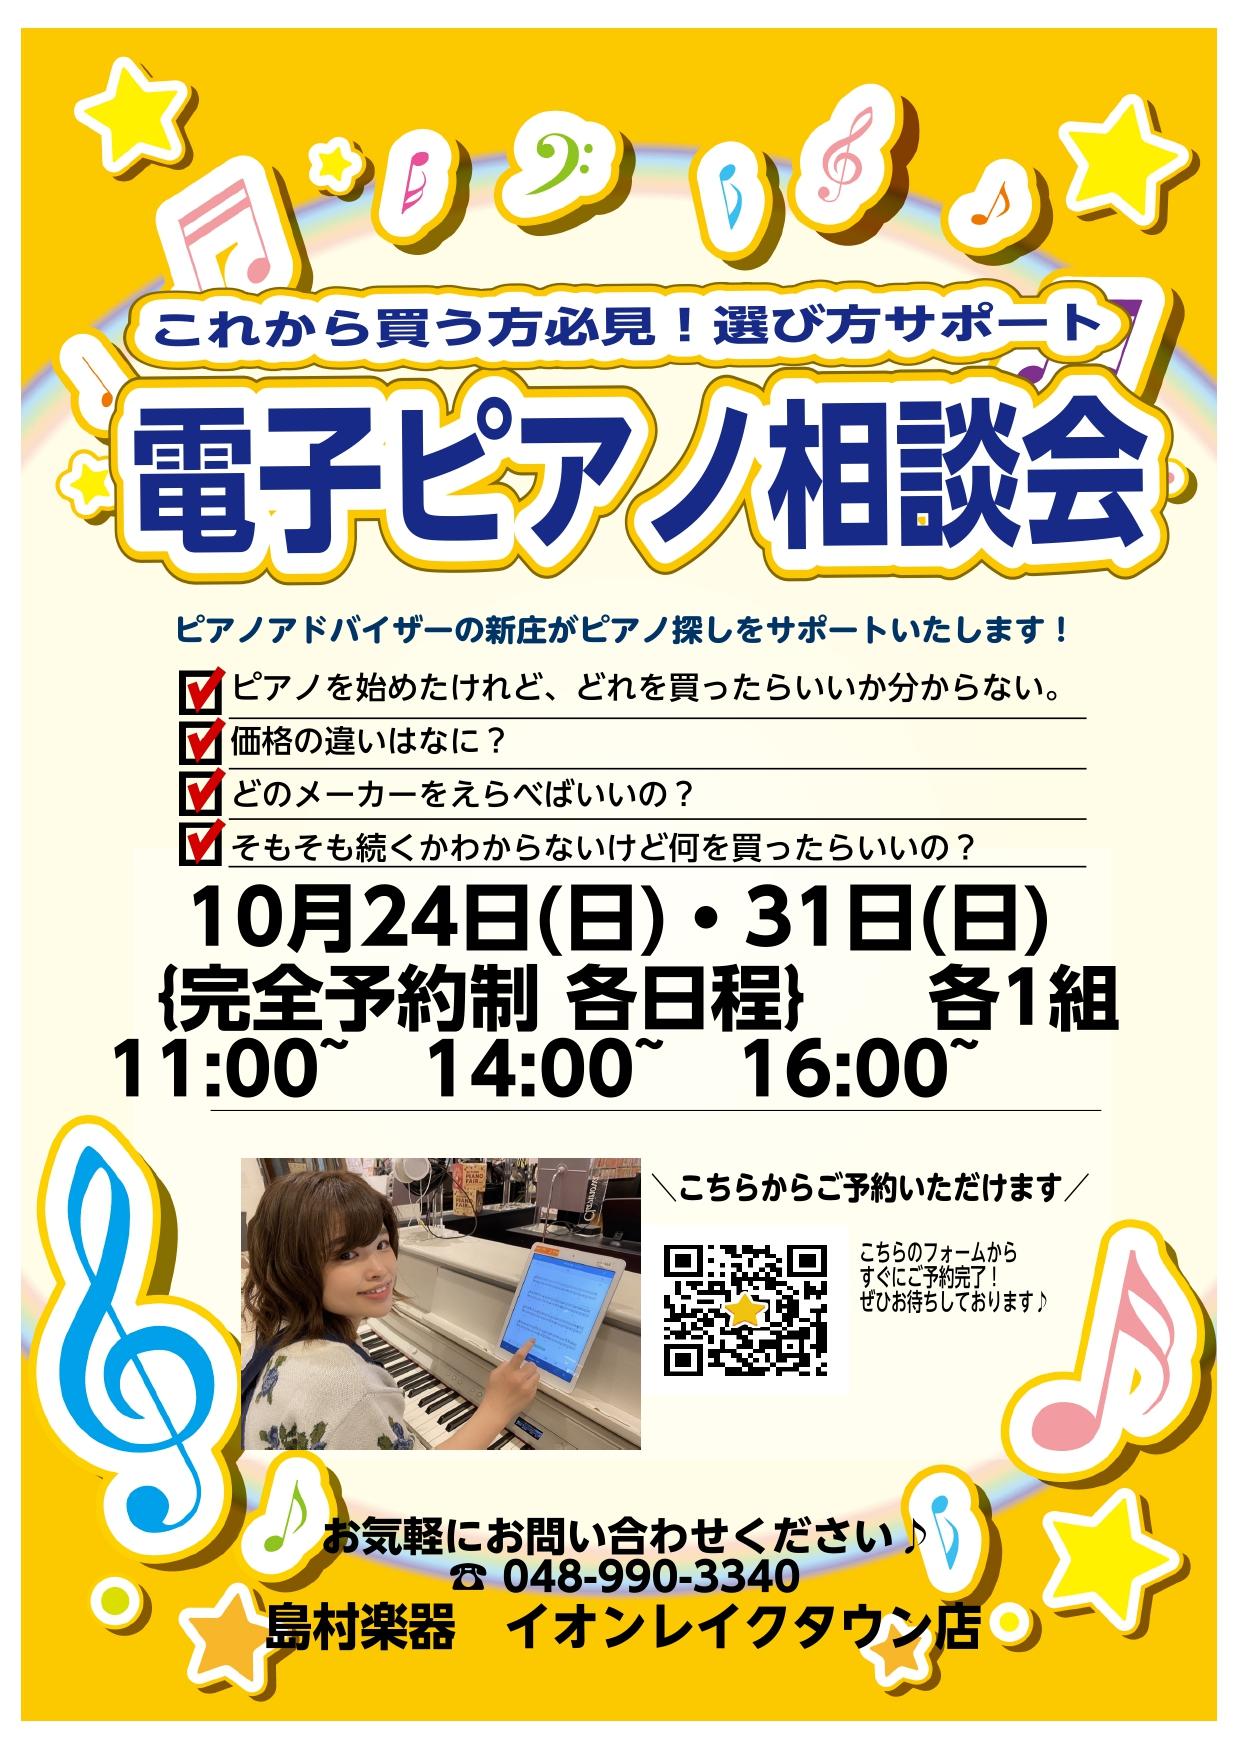 電子ピアノ 人気 サポート 新庄